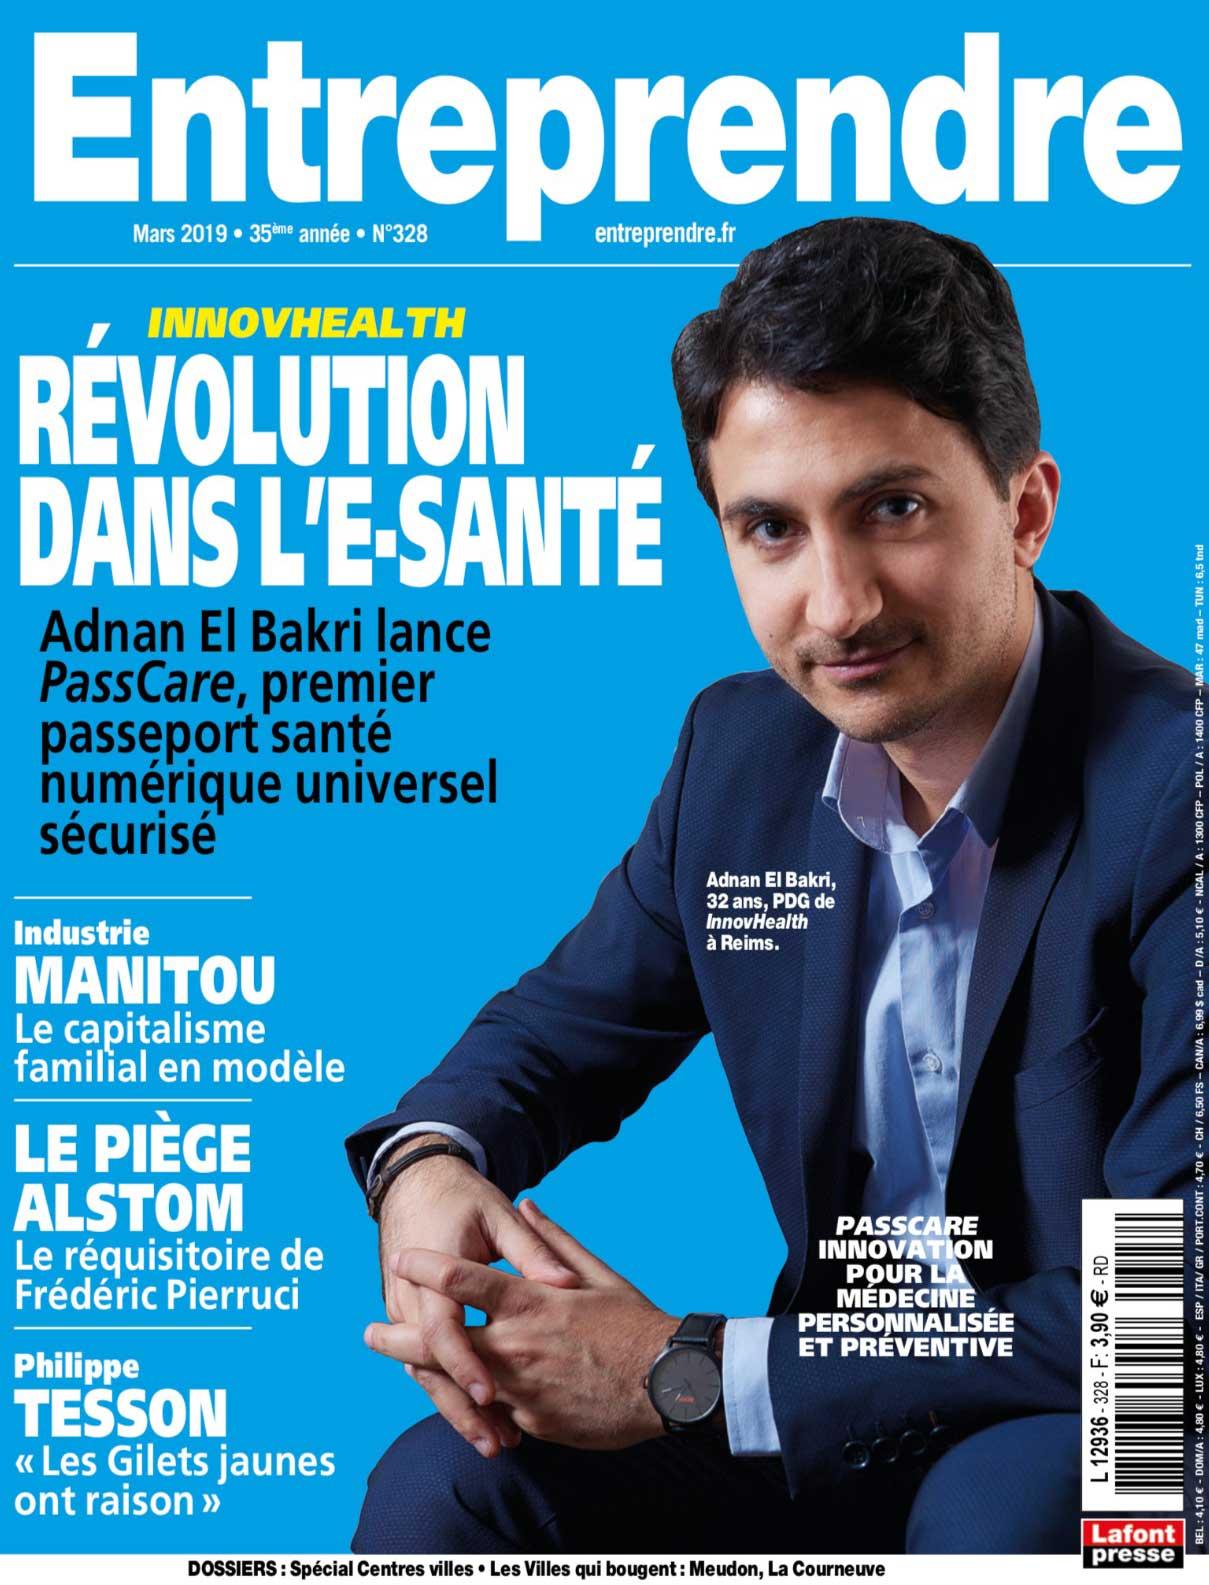 Magazine Entreprendre - Adnan El Bakri - Révolution dans l'e-santé